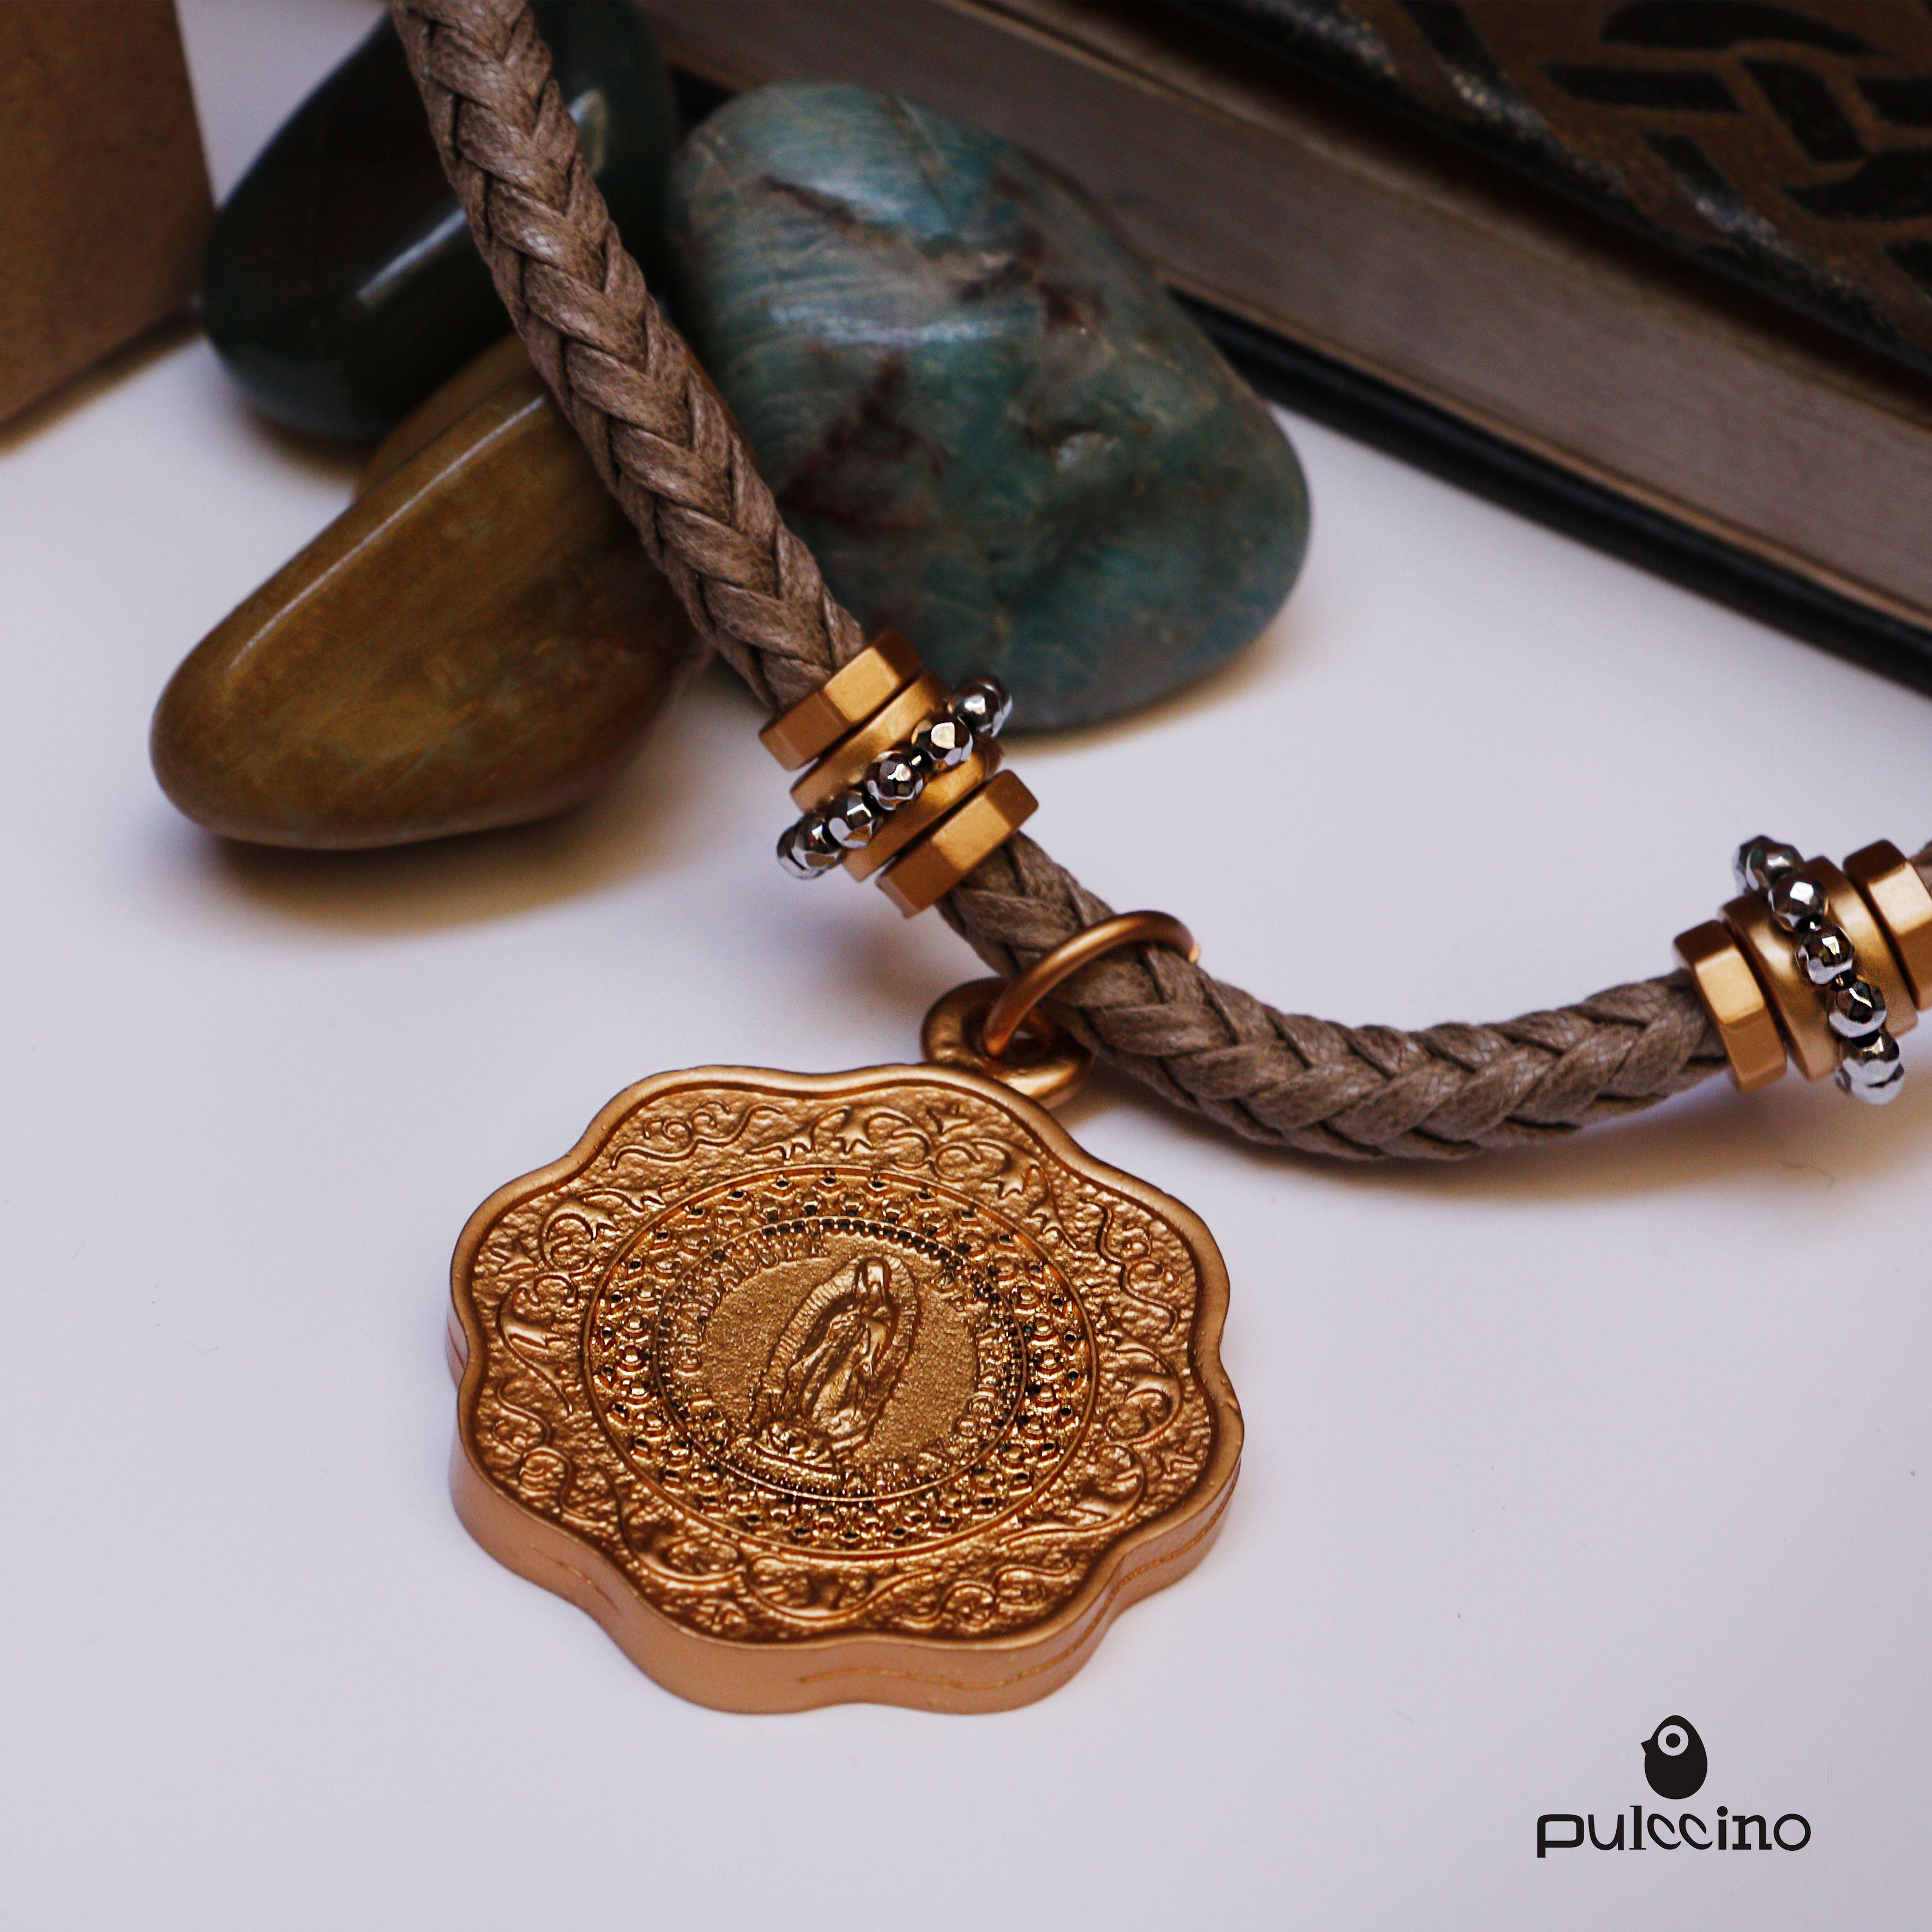 d575116a0db9  pulccino  pulccinooficial  collares  joyeria  accesorios  joyeriaartesanal   jewelry